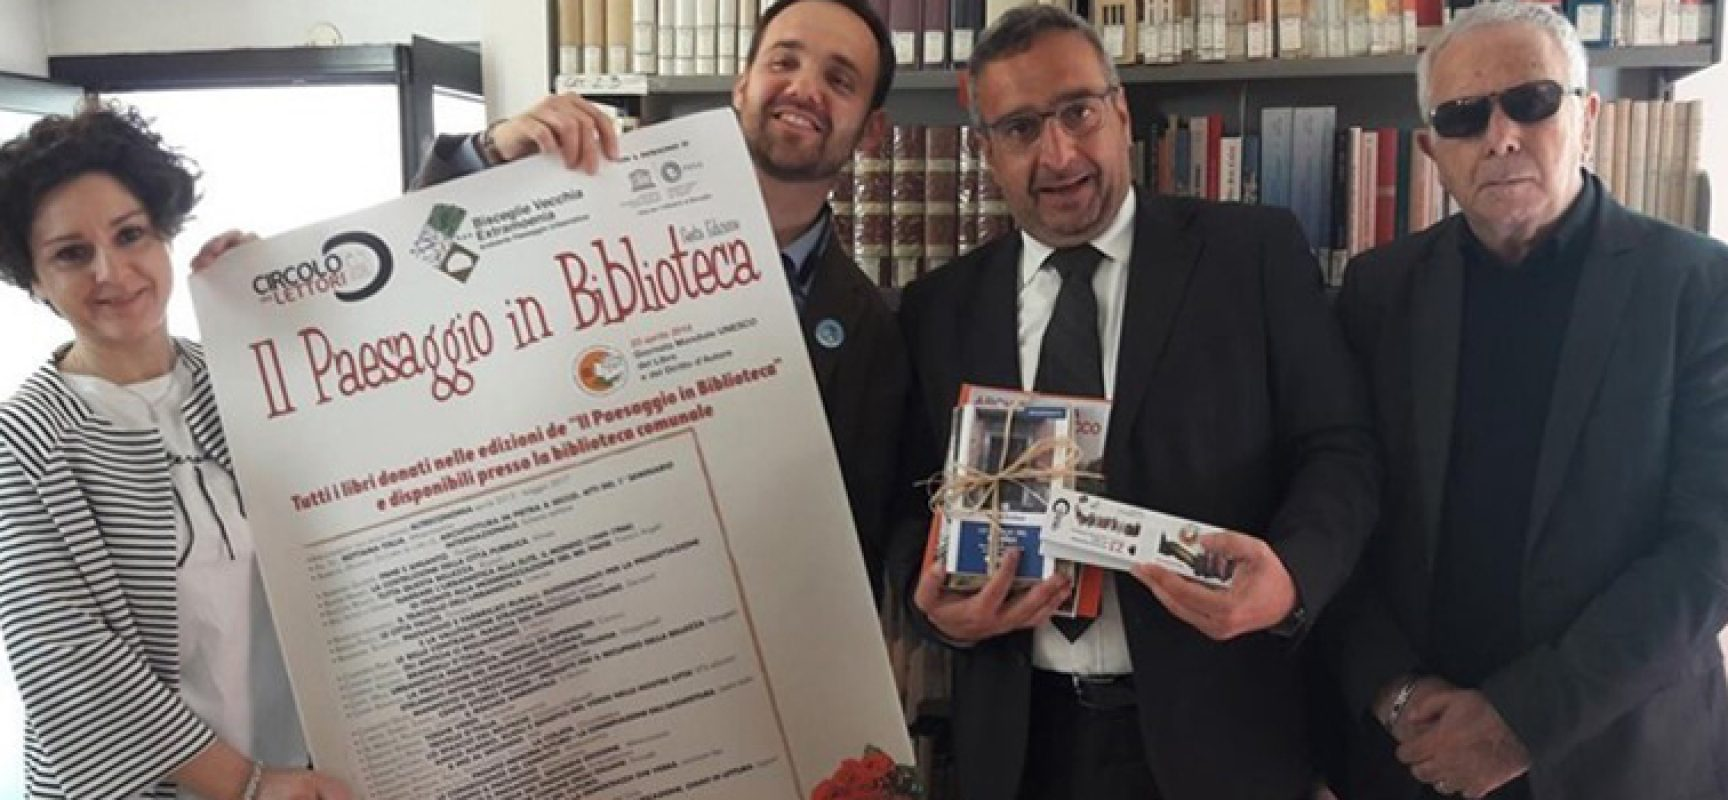 Nuovi testi donati alla biblioteca comunale da Circolo lettori, Unesco e Bve